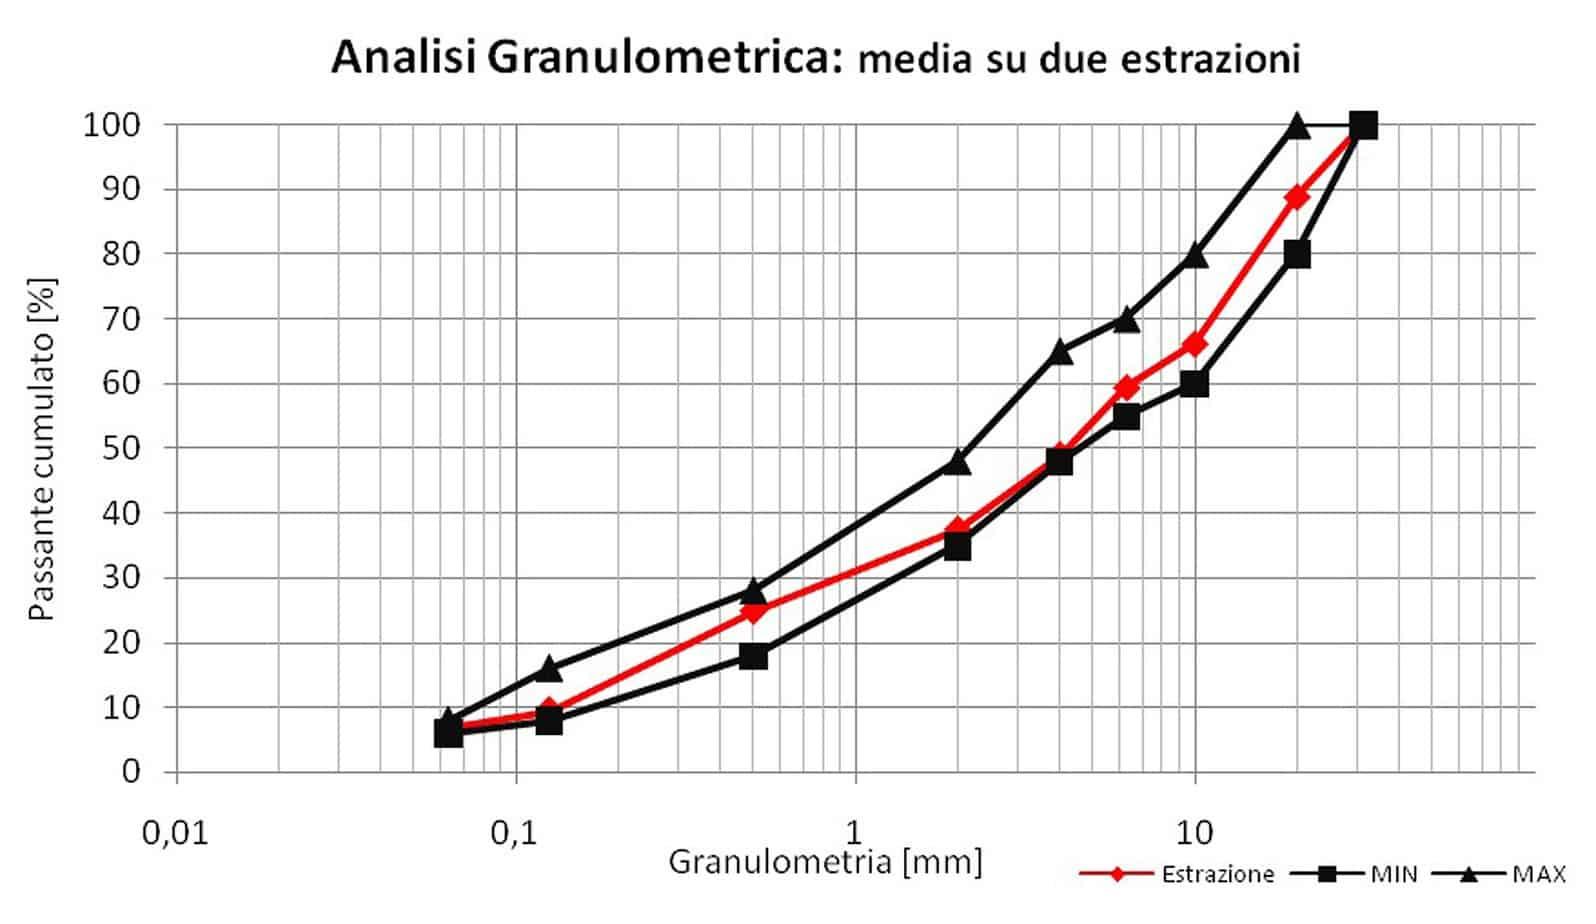 L'analisi granulometrica mista alto modulo - Laboratorio Iterchimica Srl (media su due estrazioni)